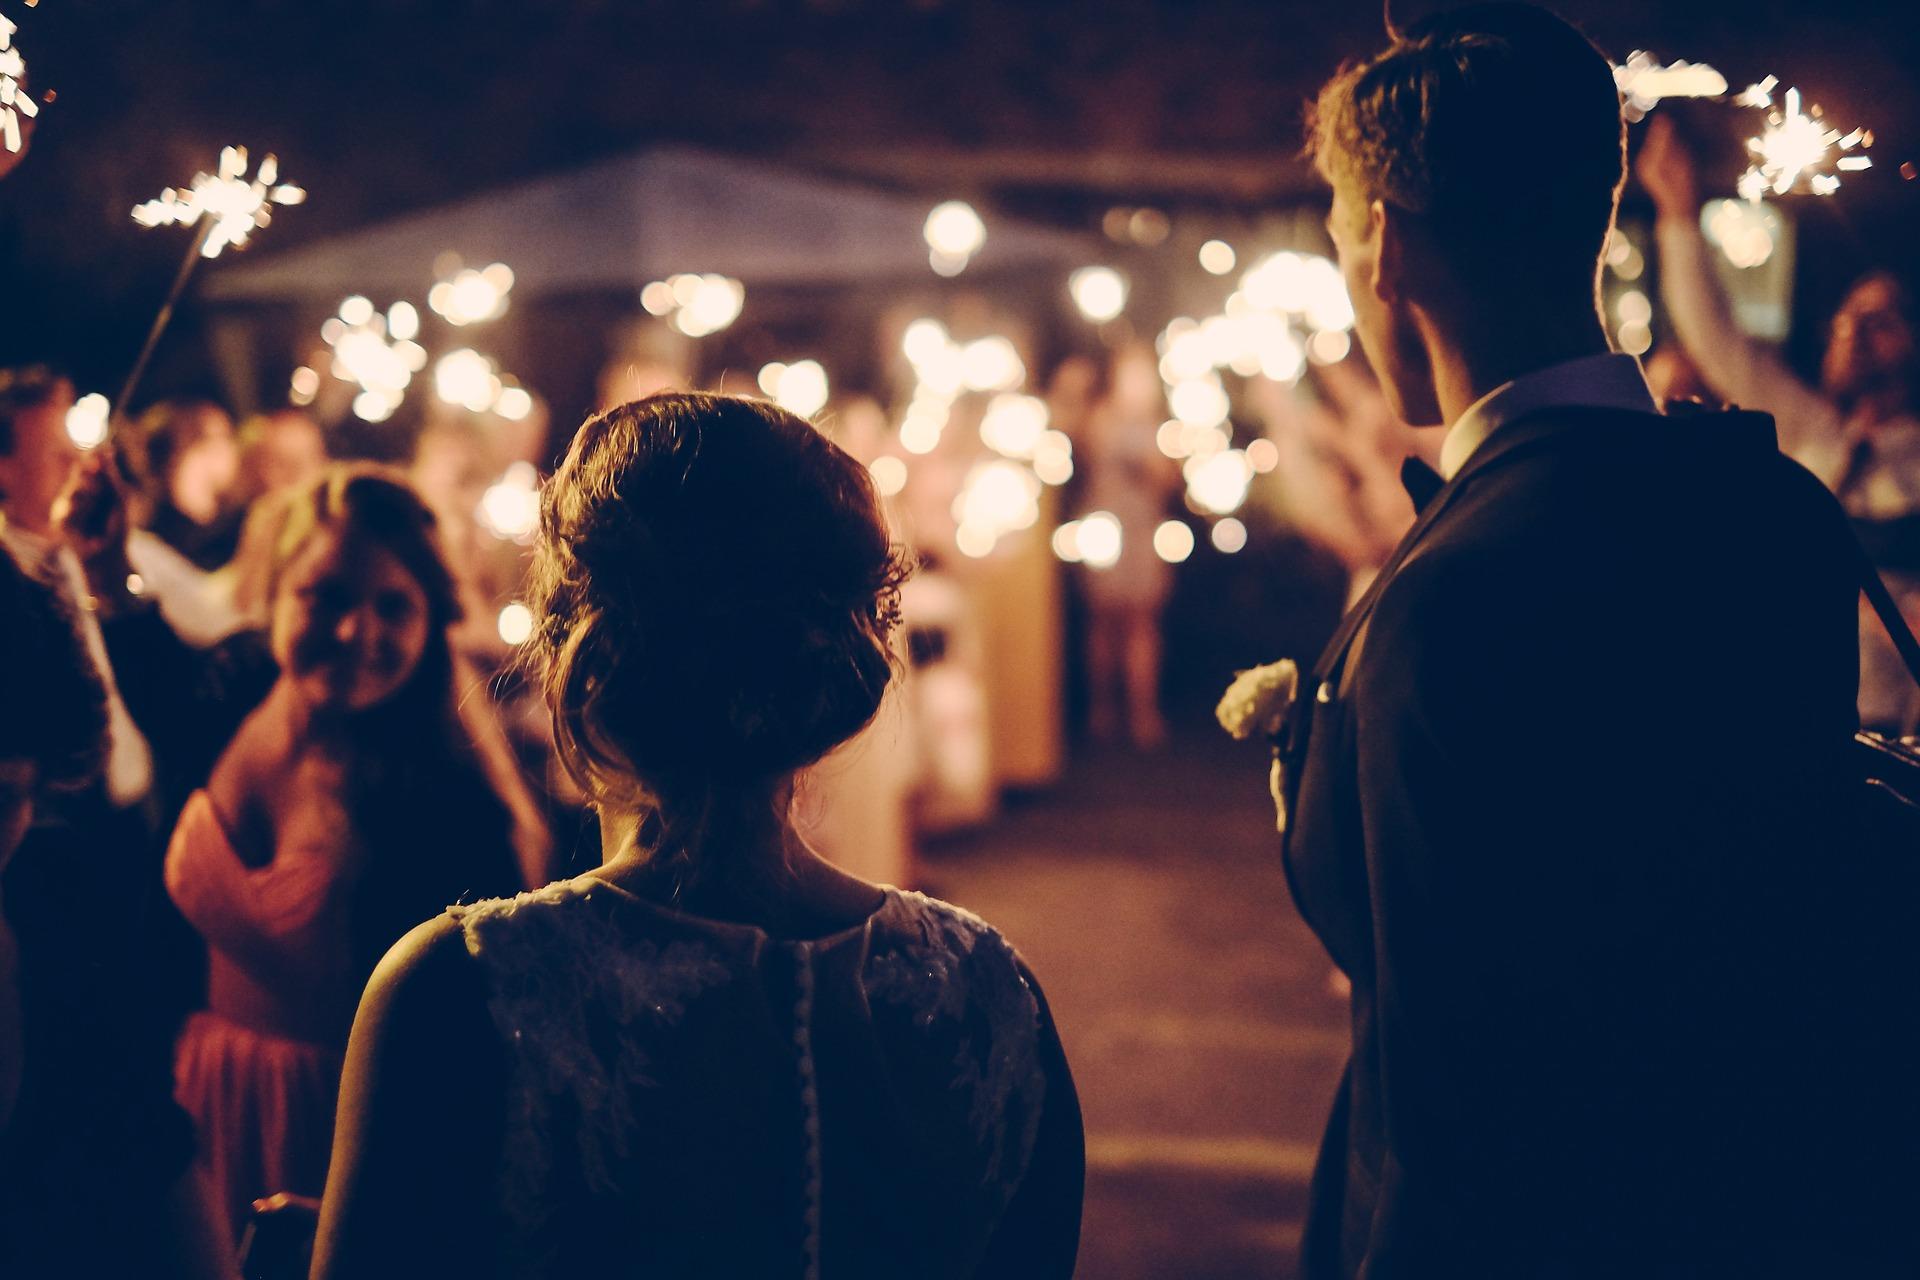 casar com primo casamento entre primos casamento entre primos genética casamento consanguíneo filhos de primos doenças